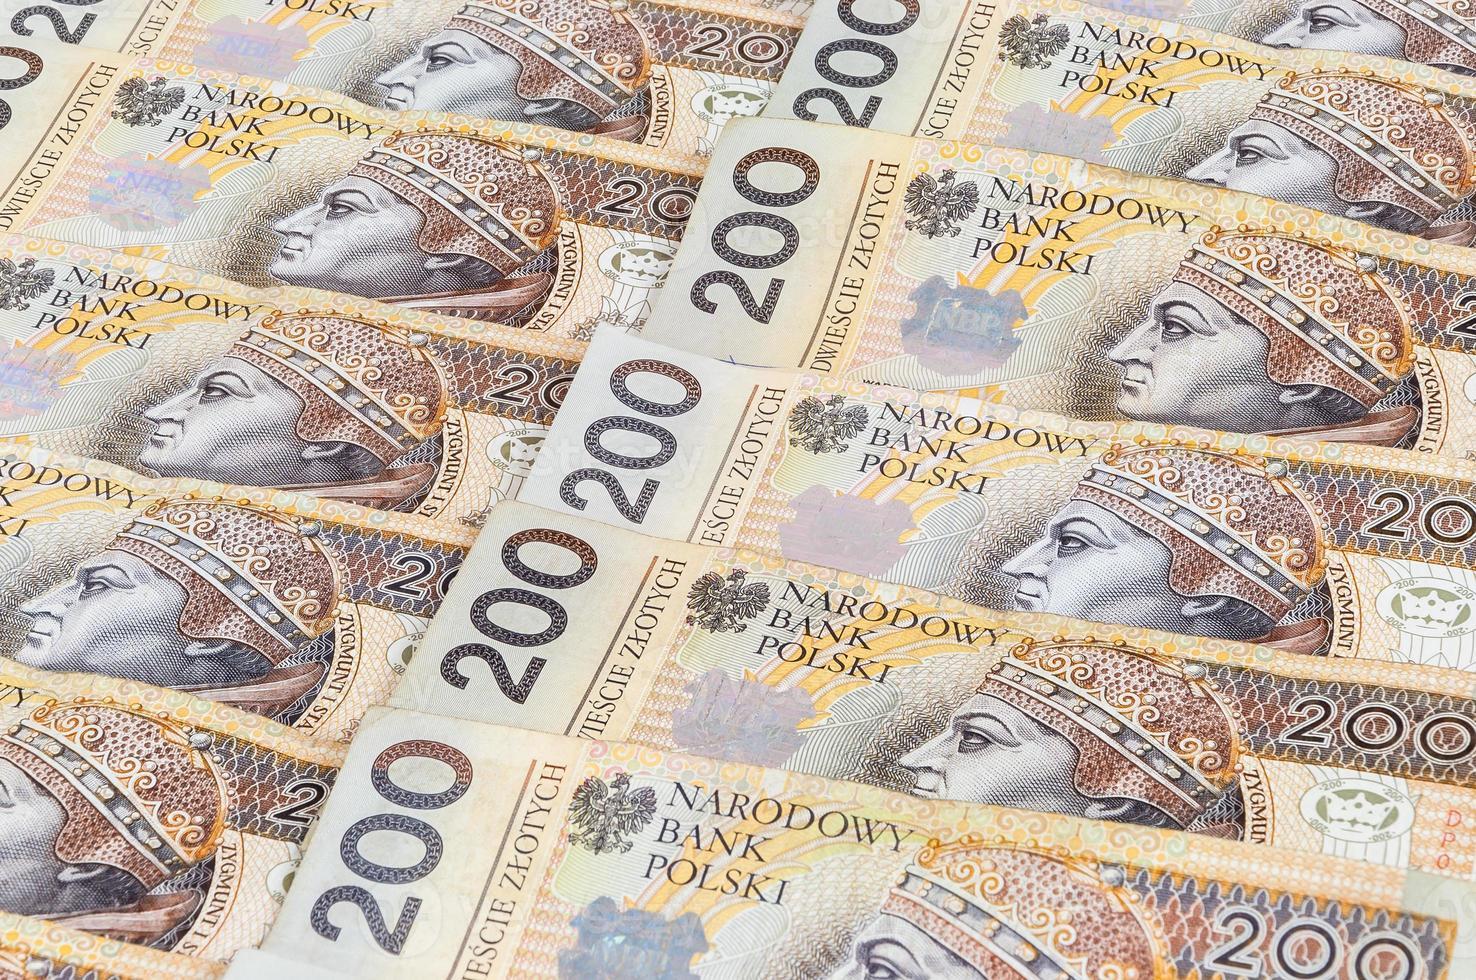 sedlar på 200 pln - polsk zloty foto